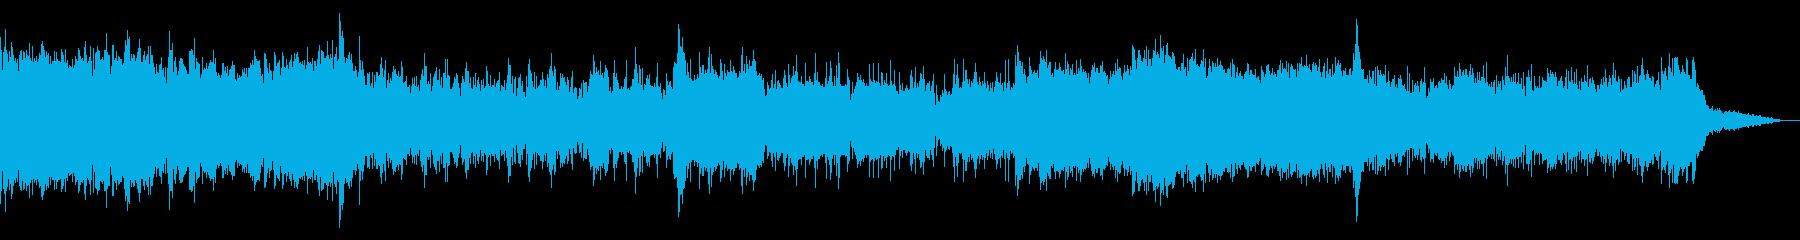 グリッジの効いたシネマティックIDMの再生済みの波形